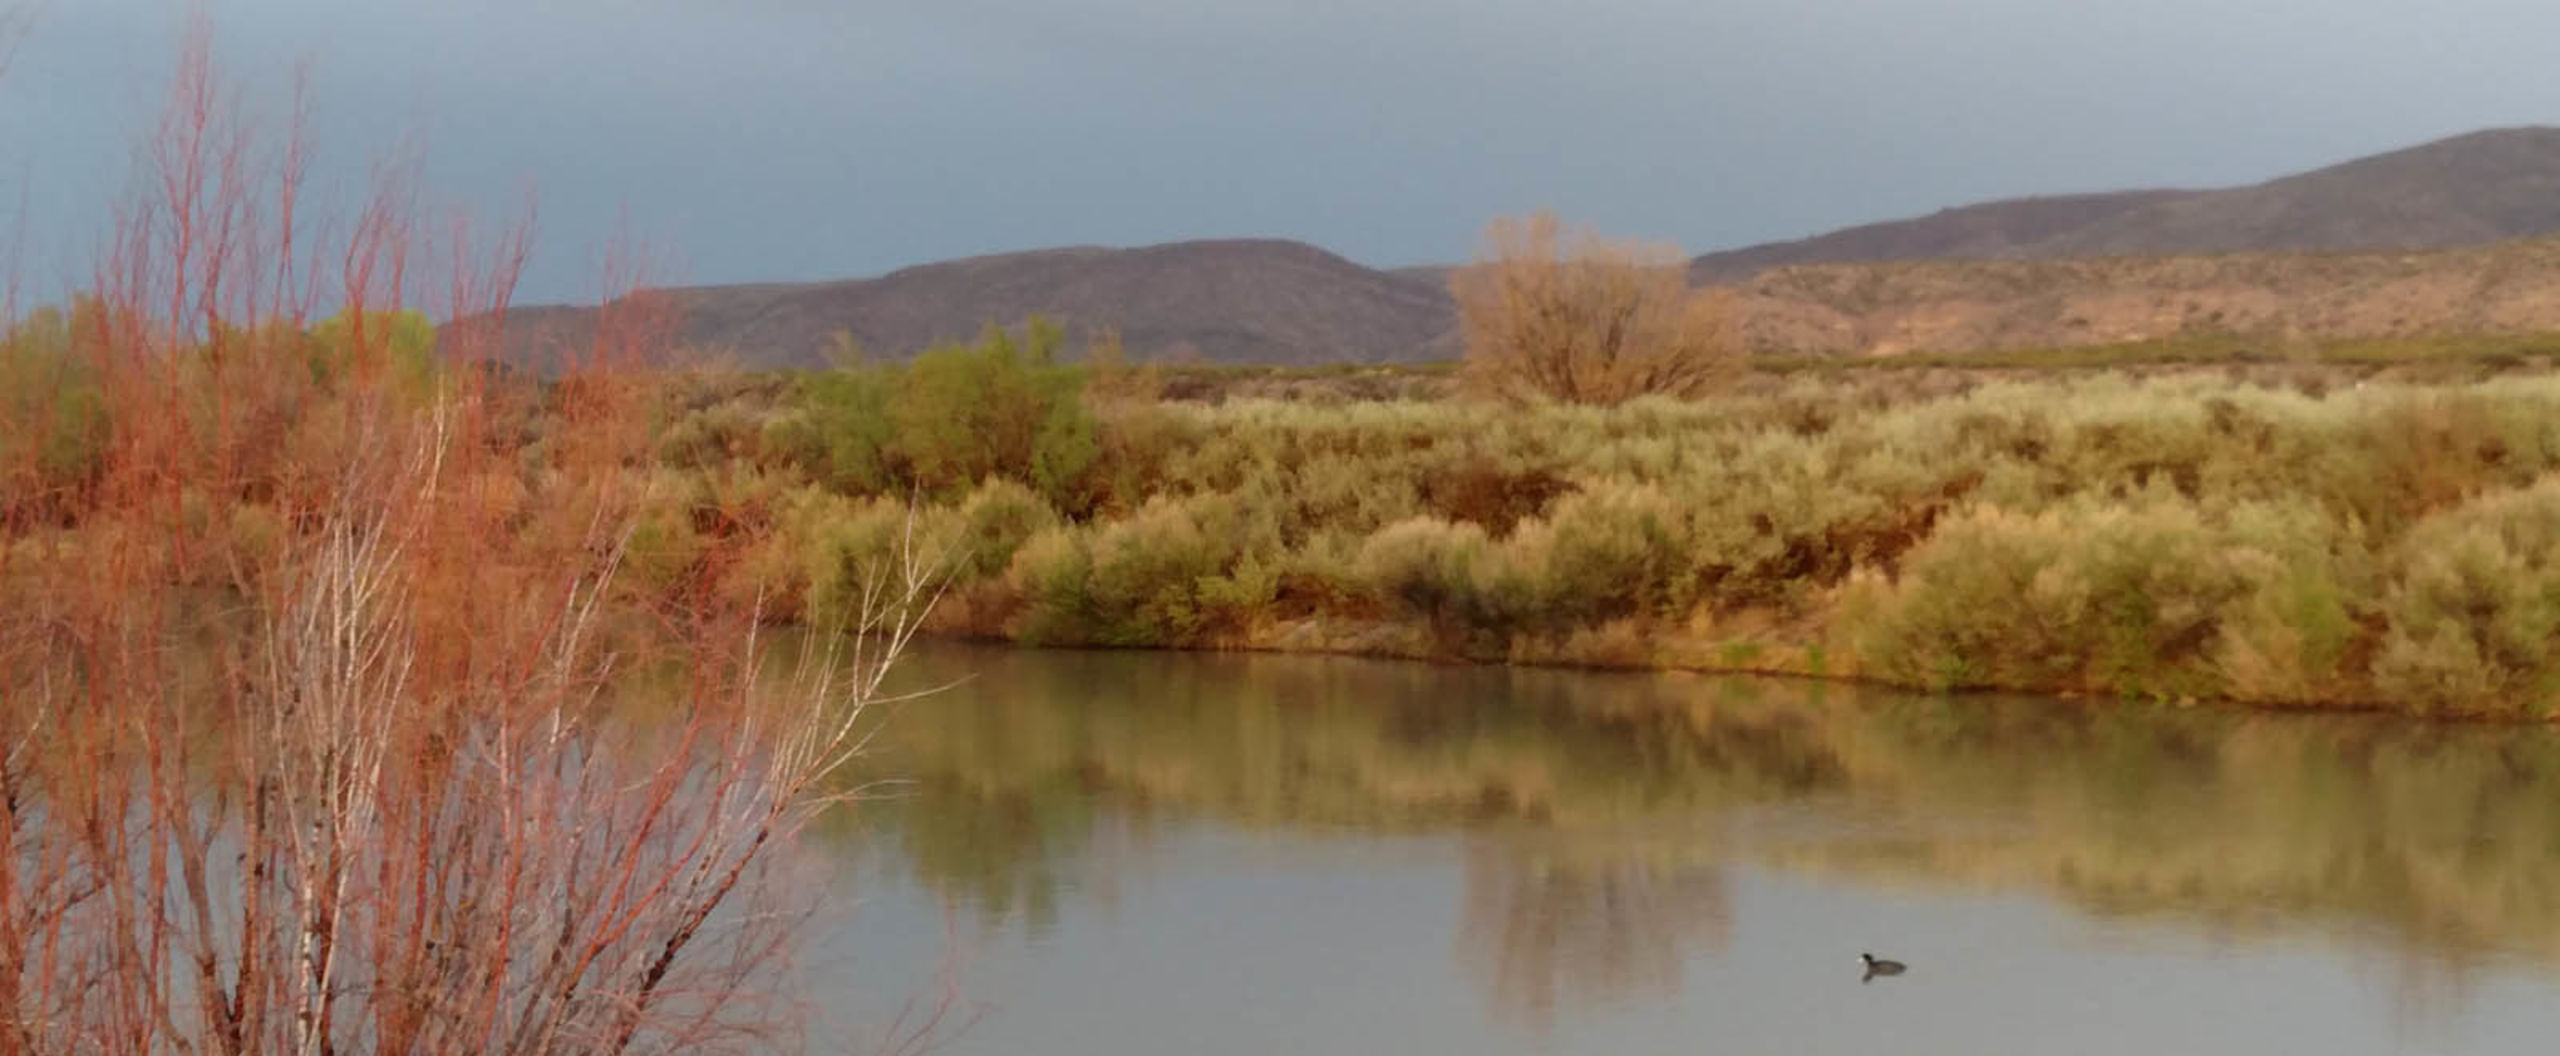 Iconic Rio Grande